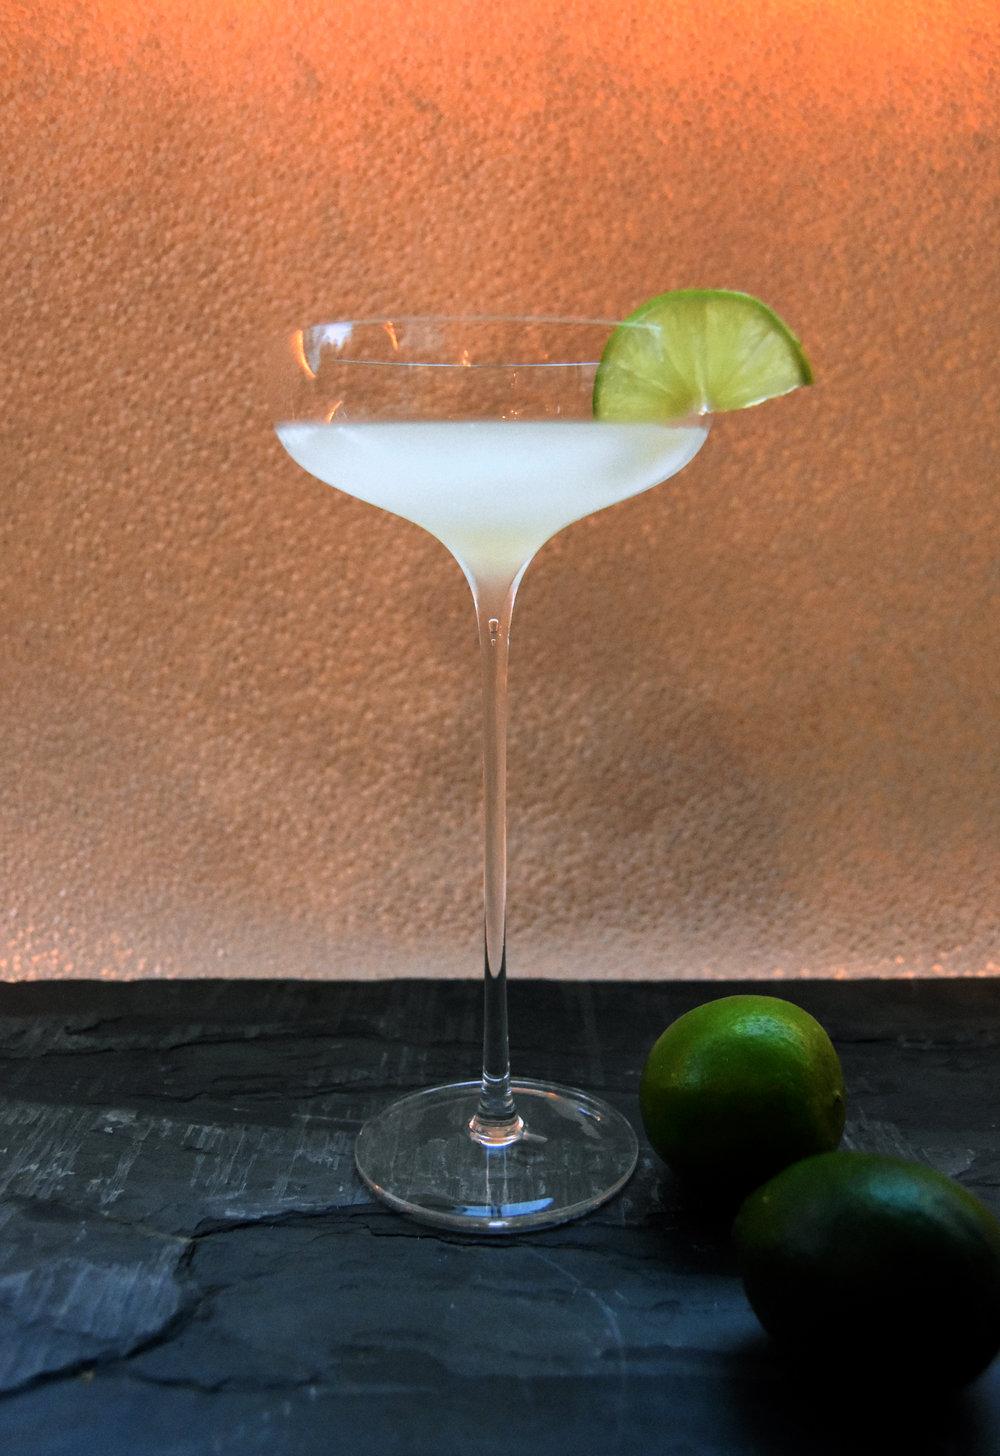 White rum daquiri - made with J Wray